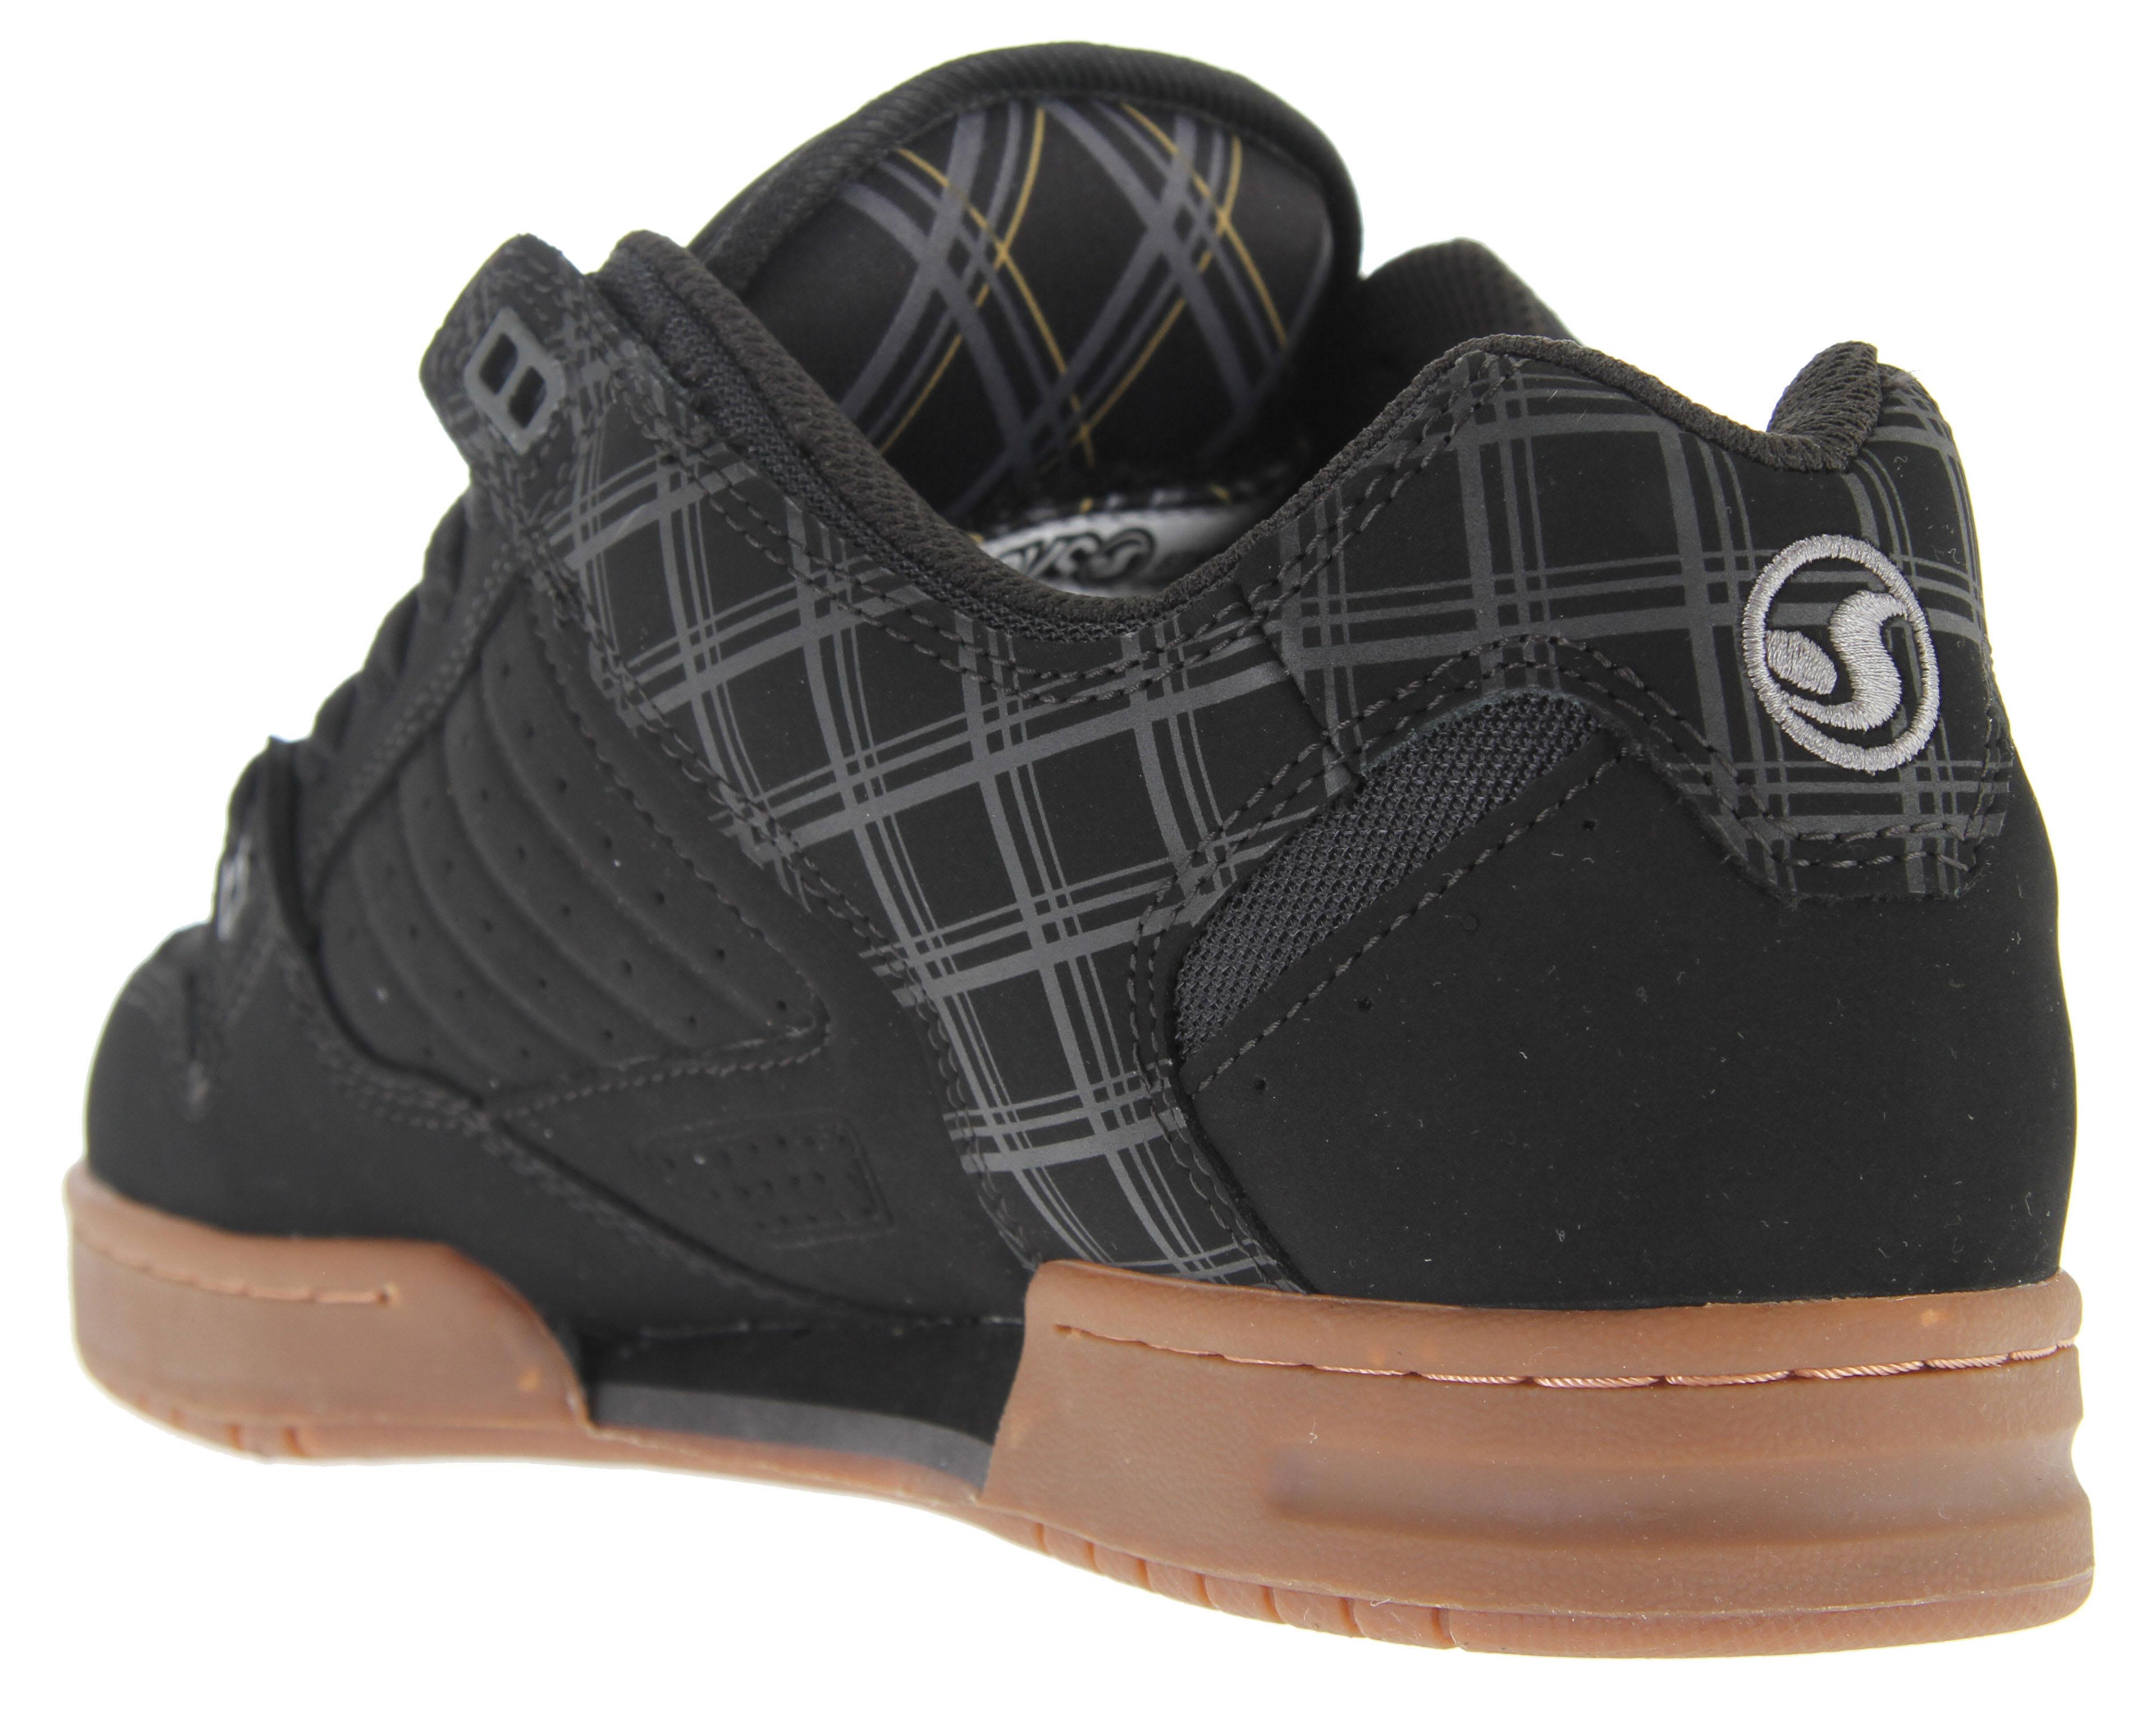 da21a06d7966 DVS Militia Skate Shoes